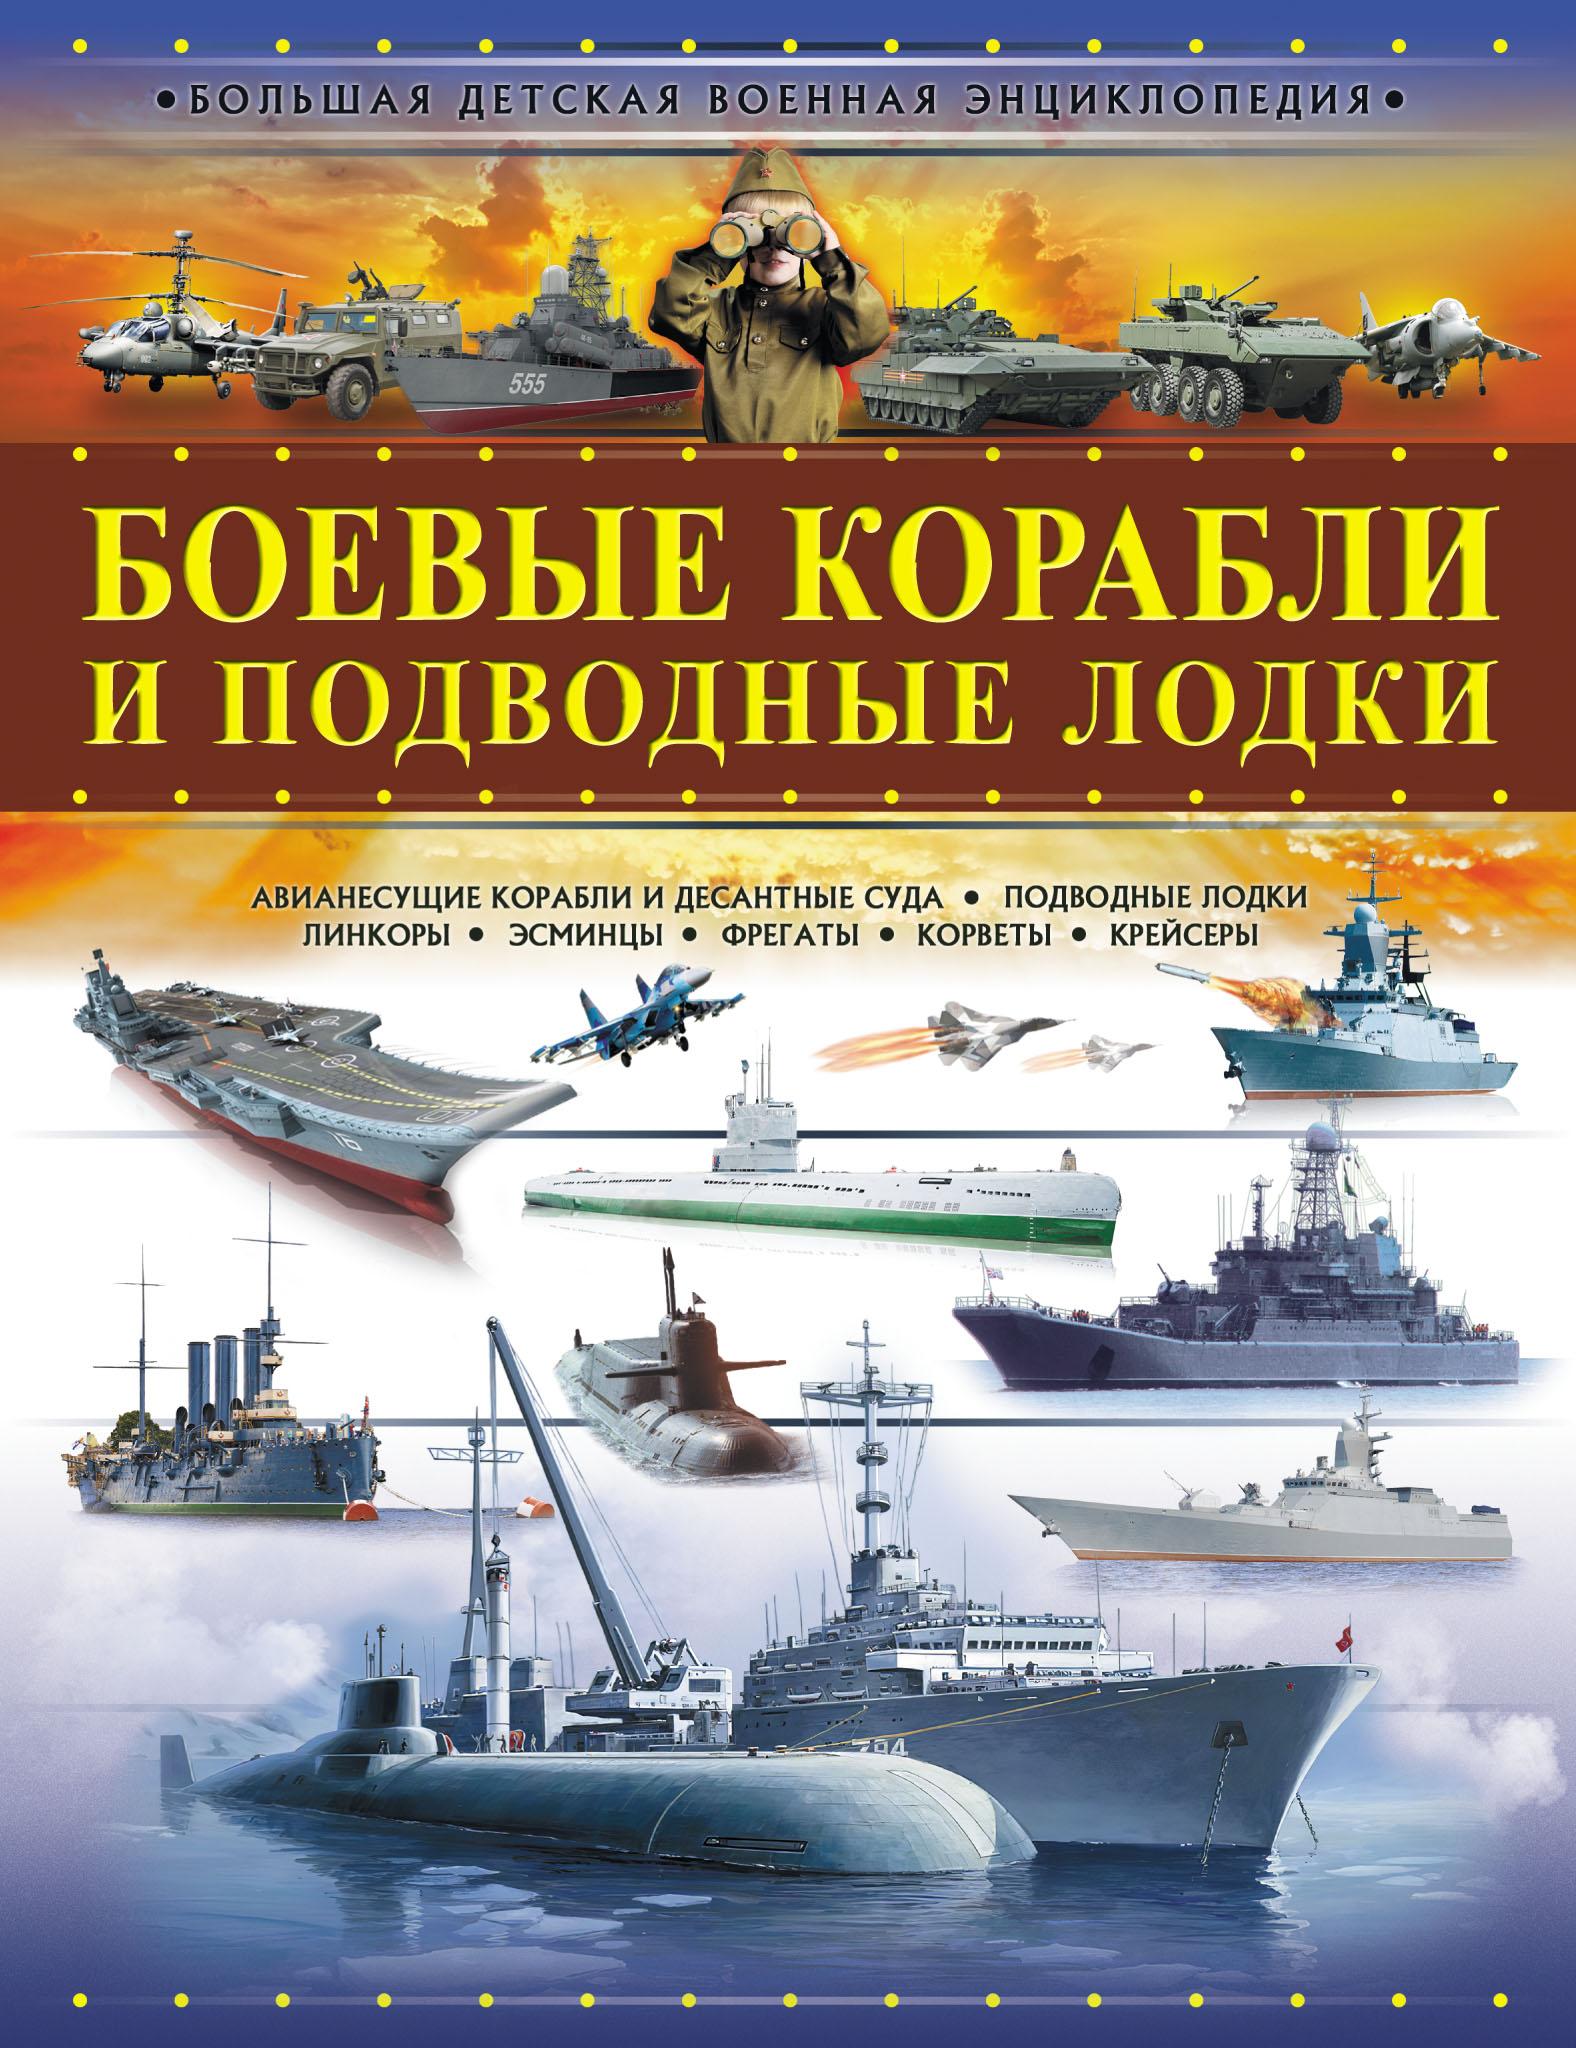 Купить книгу Боевые корабли и подводные лодки, автора А. Г. Мерникова